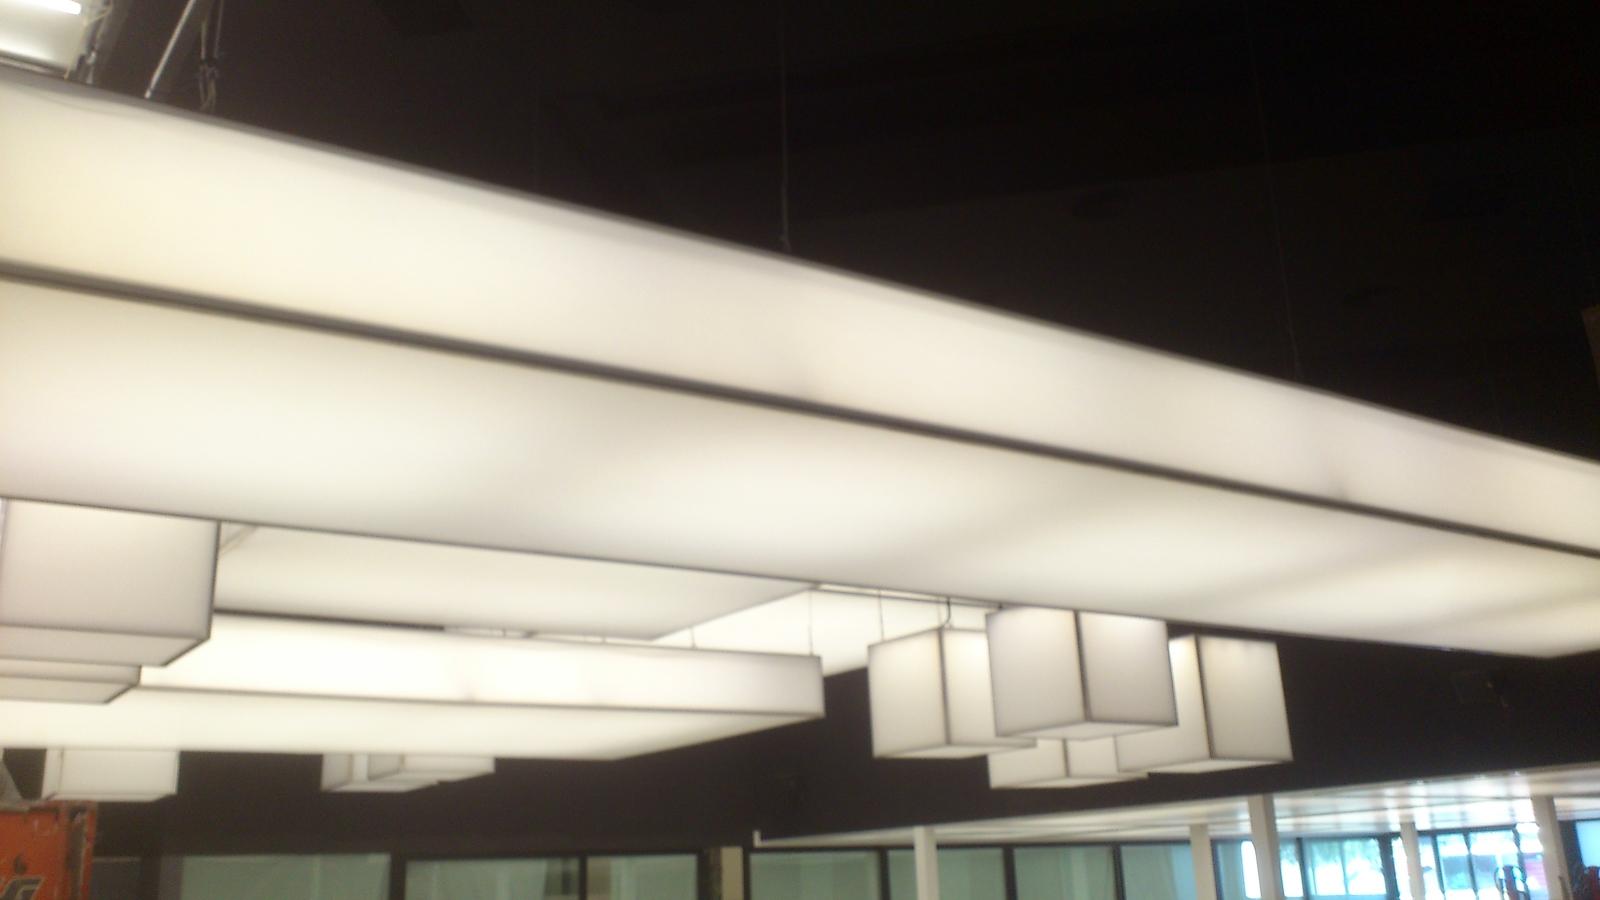 Foto techo tensado traslucido de ek techos tensados - Techos tensados barcelona ...